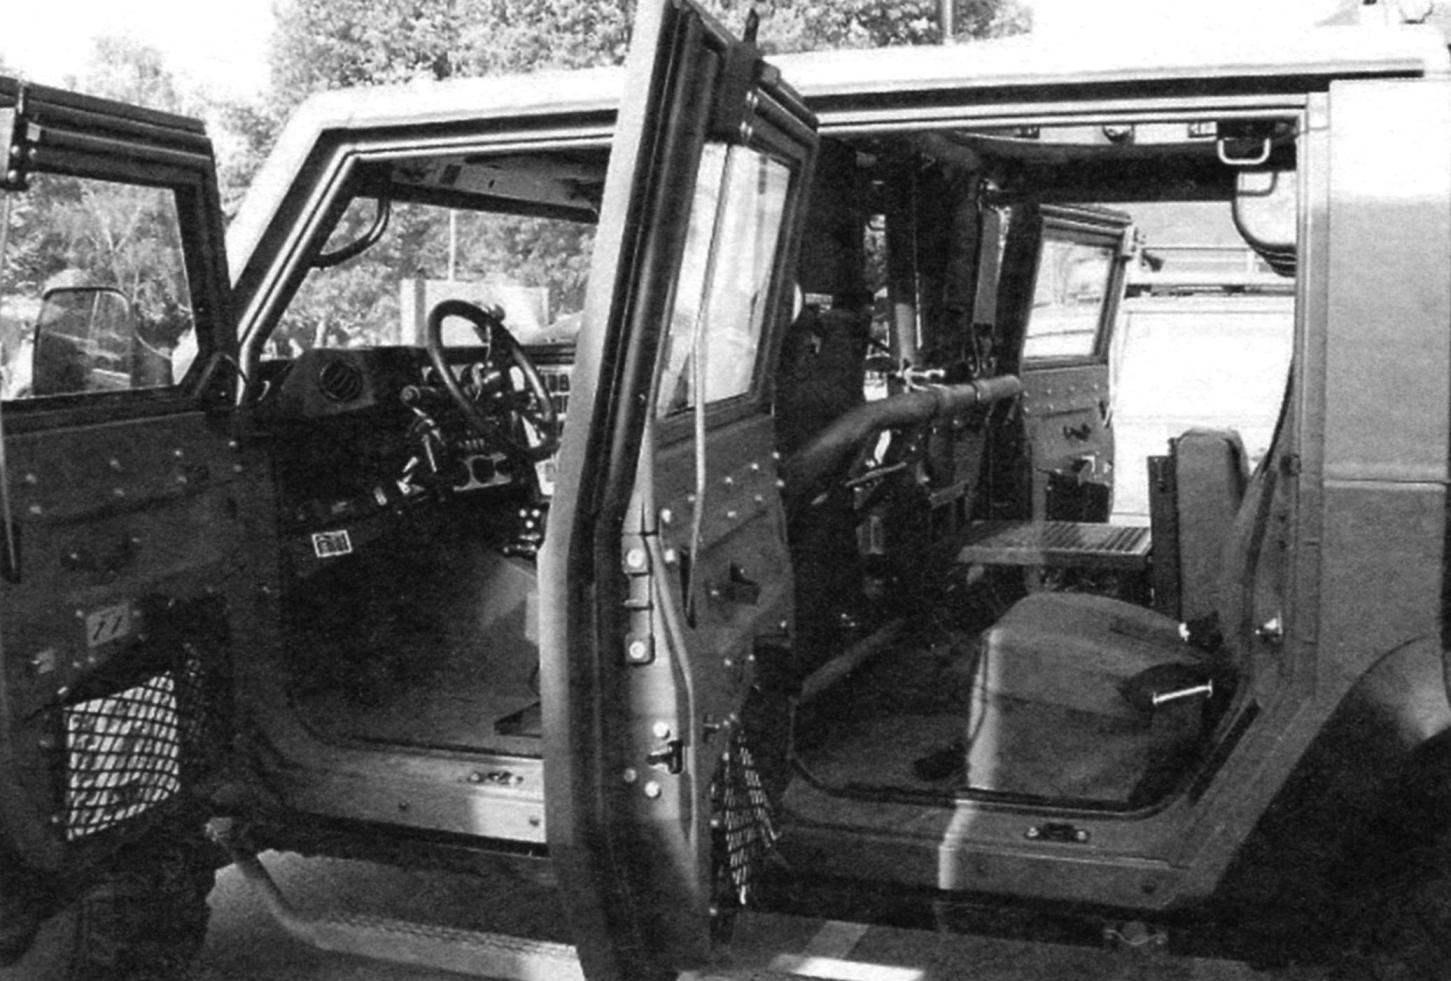 Салон машины разделён высокими спинками передних кресел, опорной трубой и поперечными трубчатыми распорками